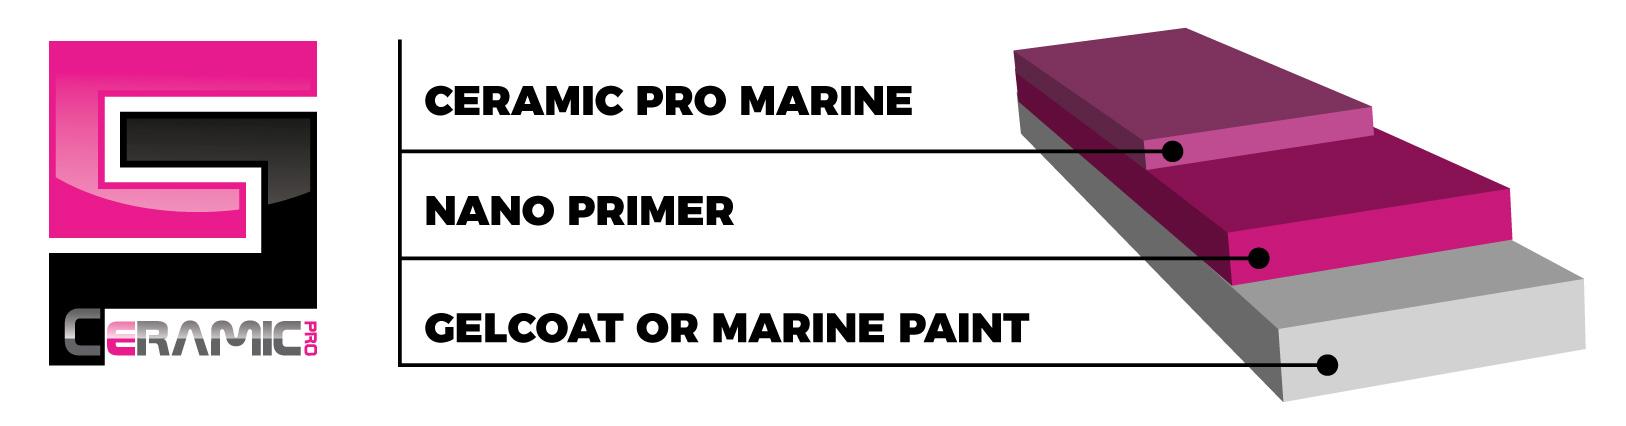 Ceramic Pro Marine.